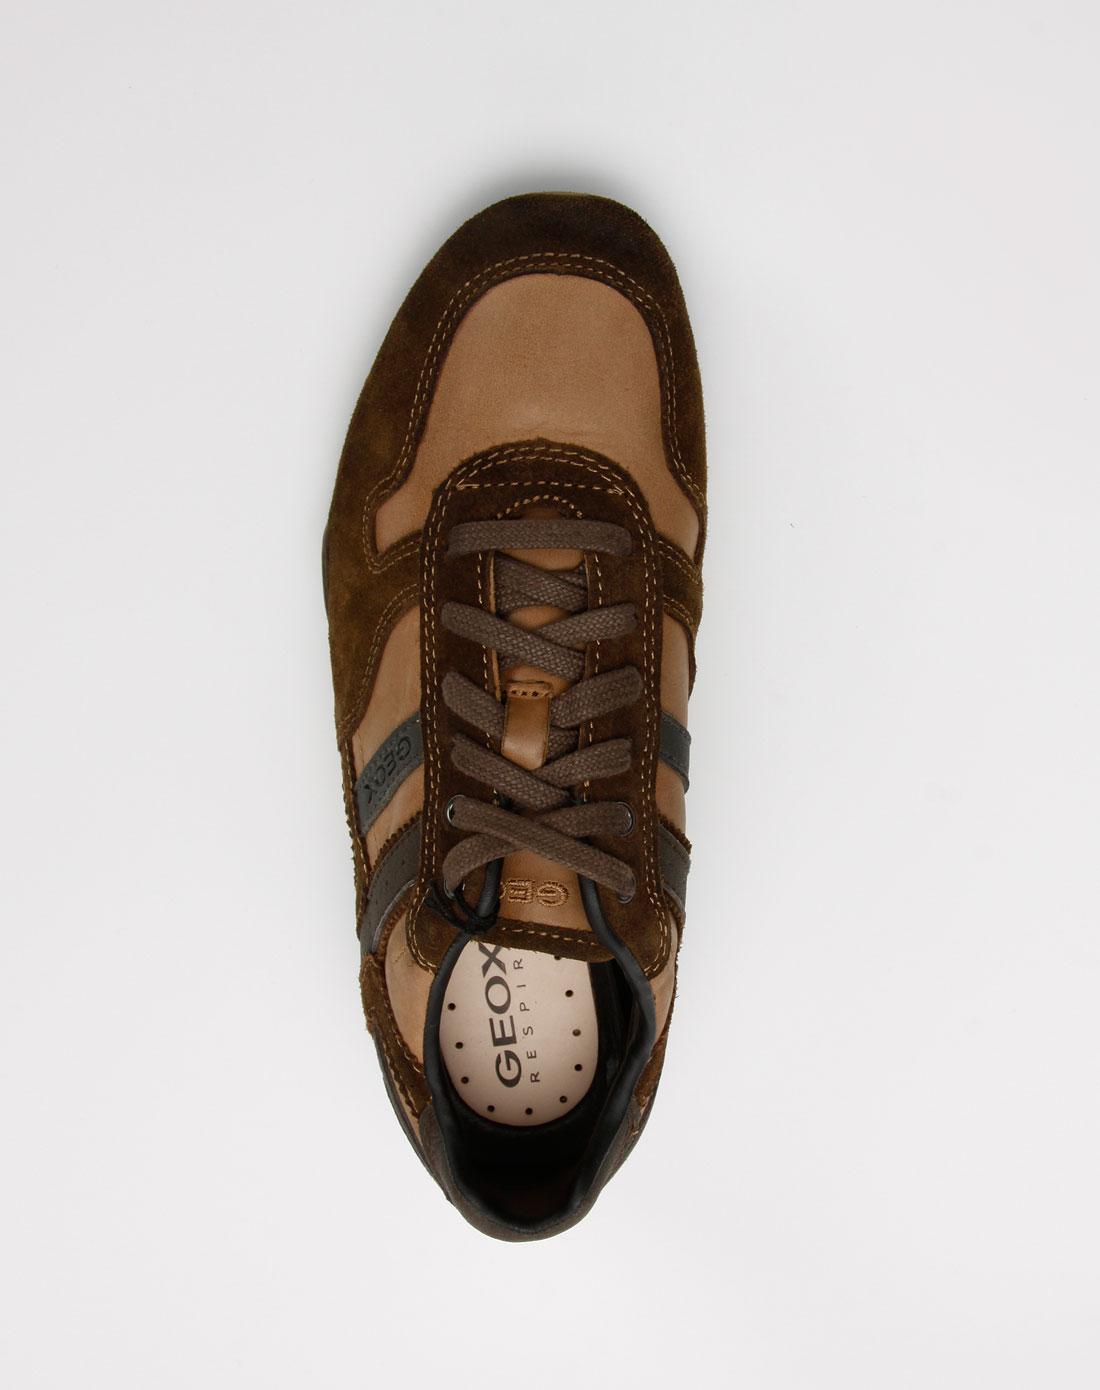 健乐士geox男款深啡/棕色牛皮休闲鞋